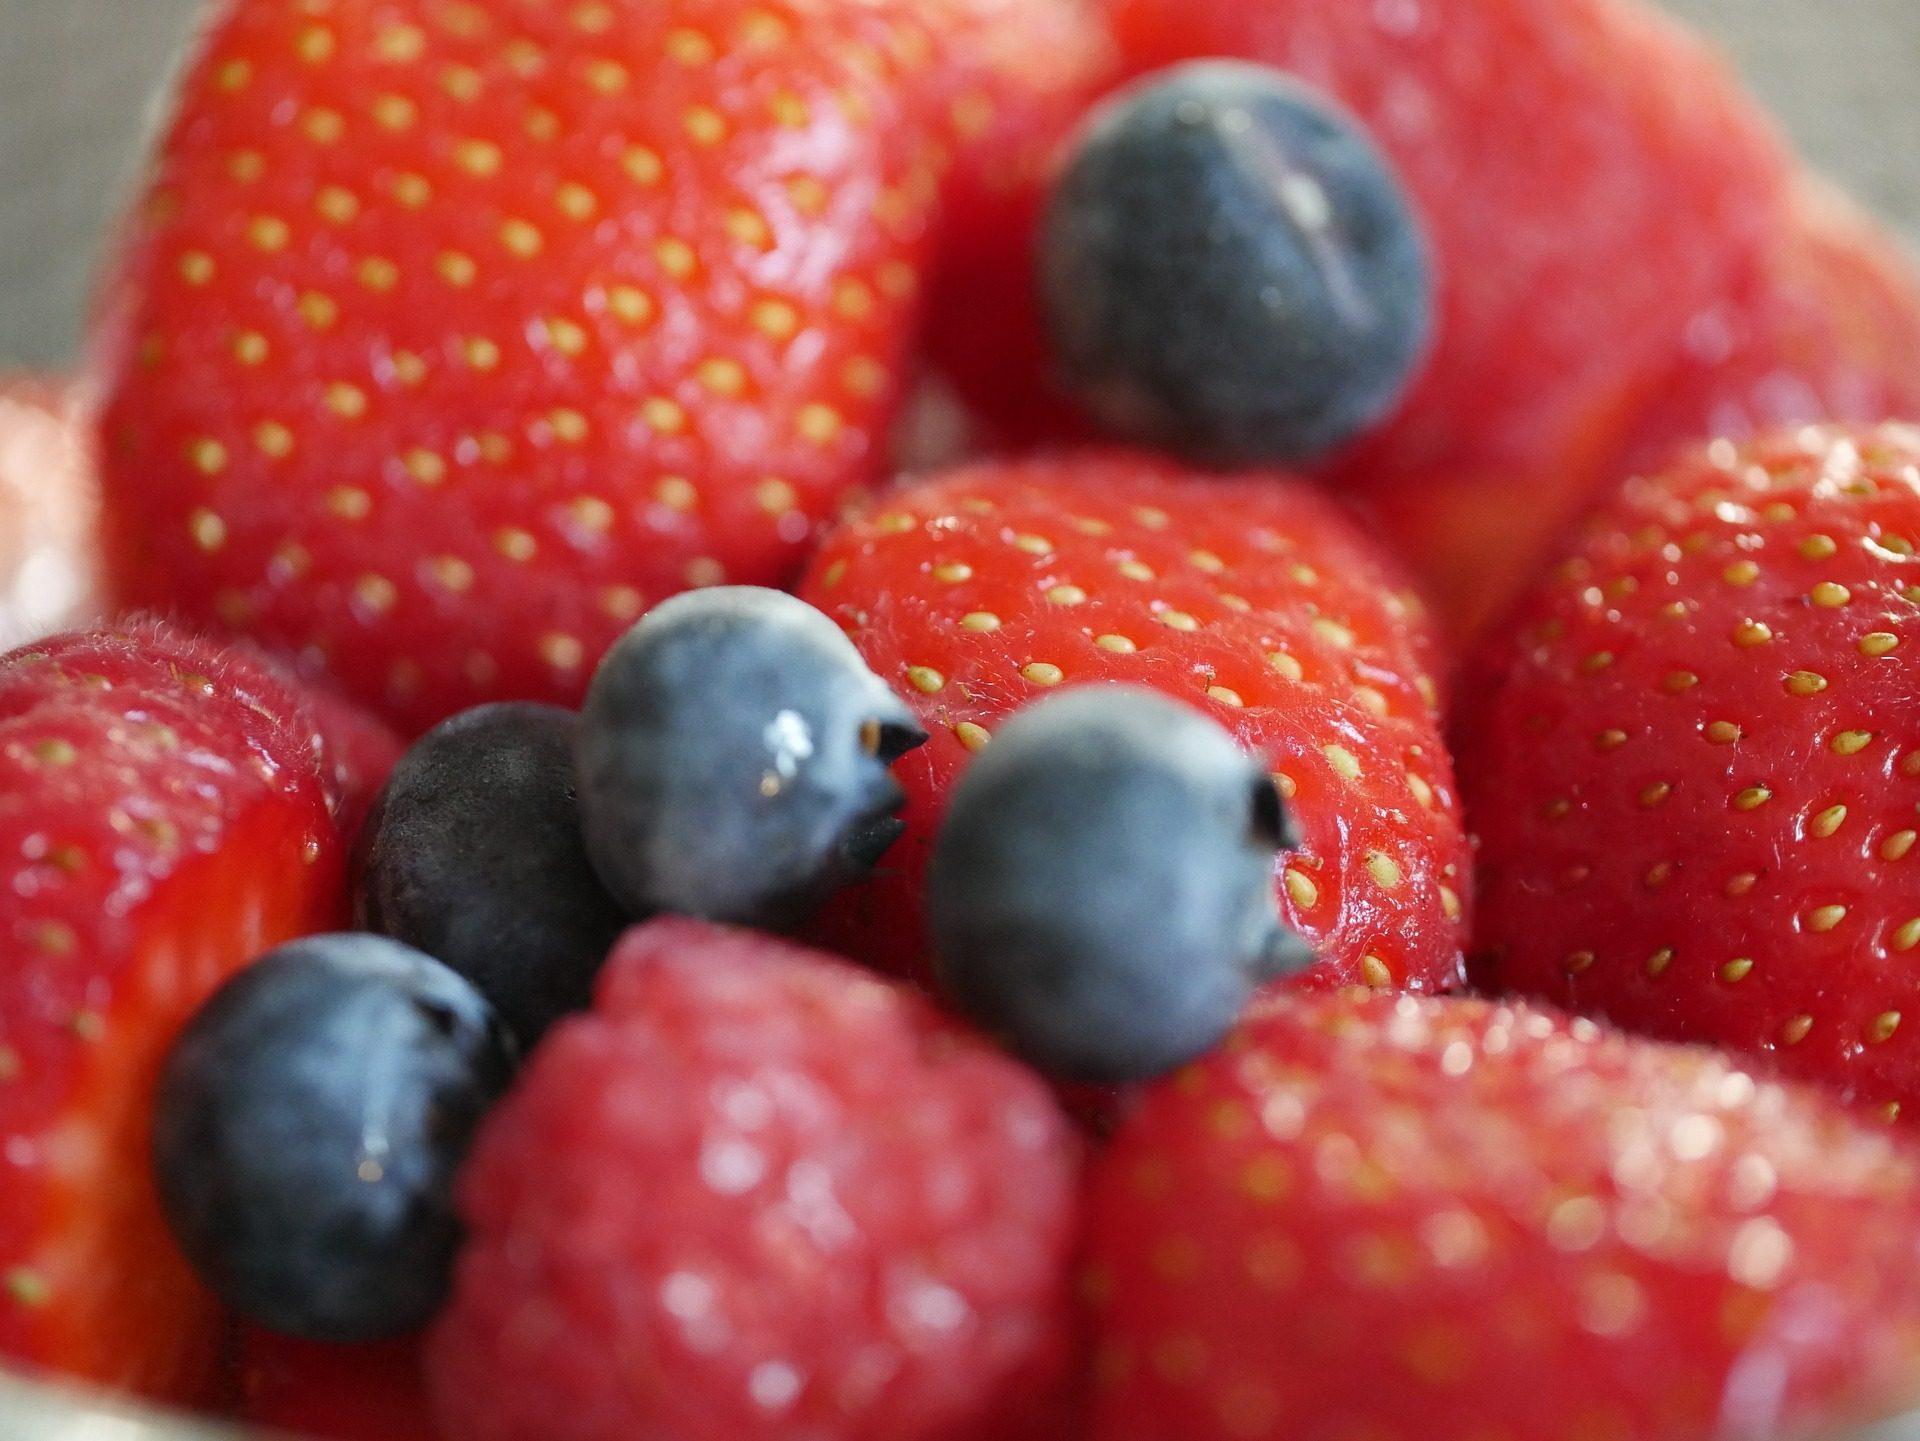 φράουλες, τα βατόμουρα, φρούτα, μούρα, υγιείς, σχετικά με - Wallpapers HD - Professor-falken.com